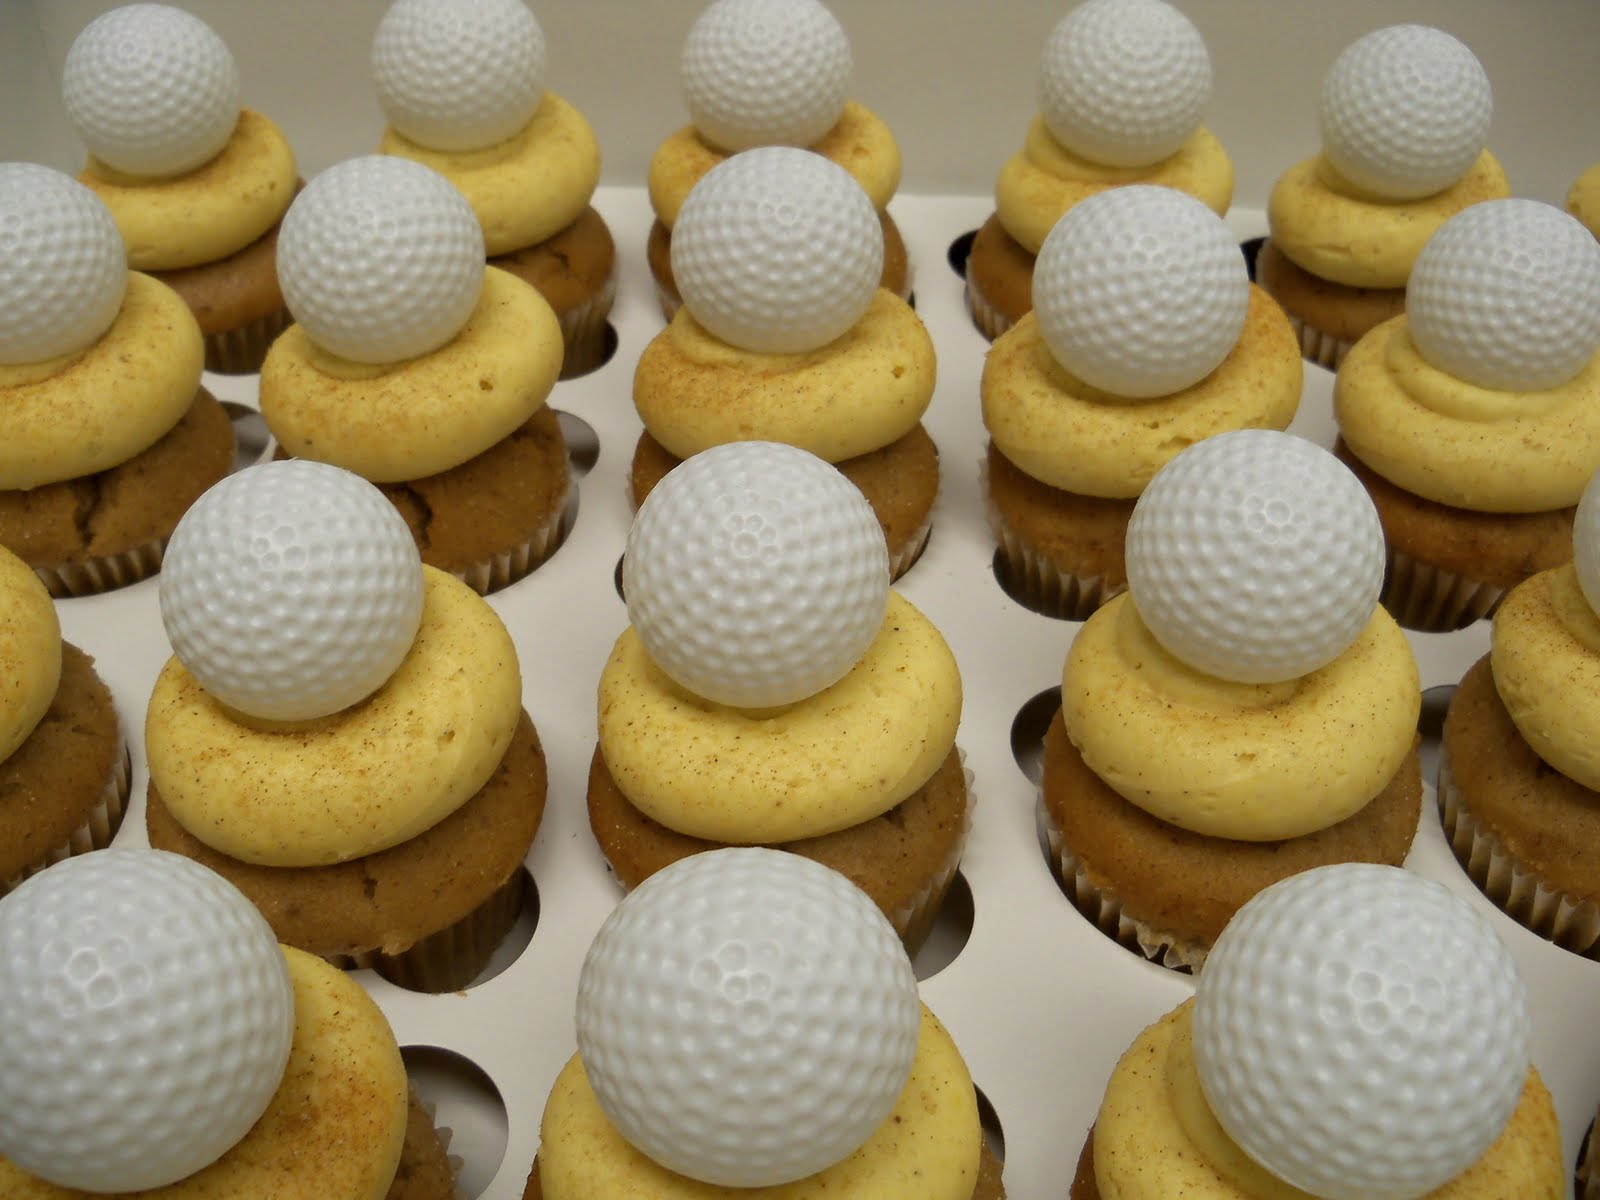 http://2.bp.blogspot.com/_PkJD_ncgzOs/TLw-FjrdblI/AAAAAAAACos/nT0CCgOB8JA/s1600/Golf+Ball+SAND+TRAP+cupcakes.JPG